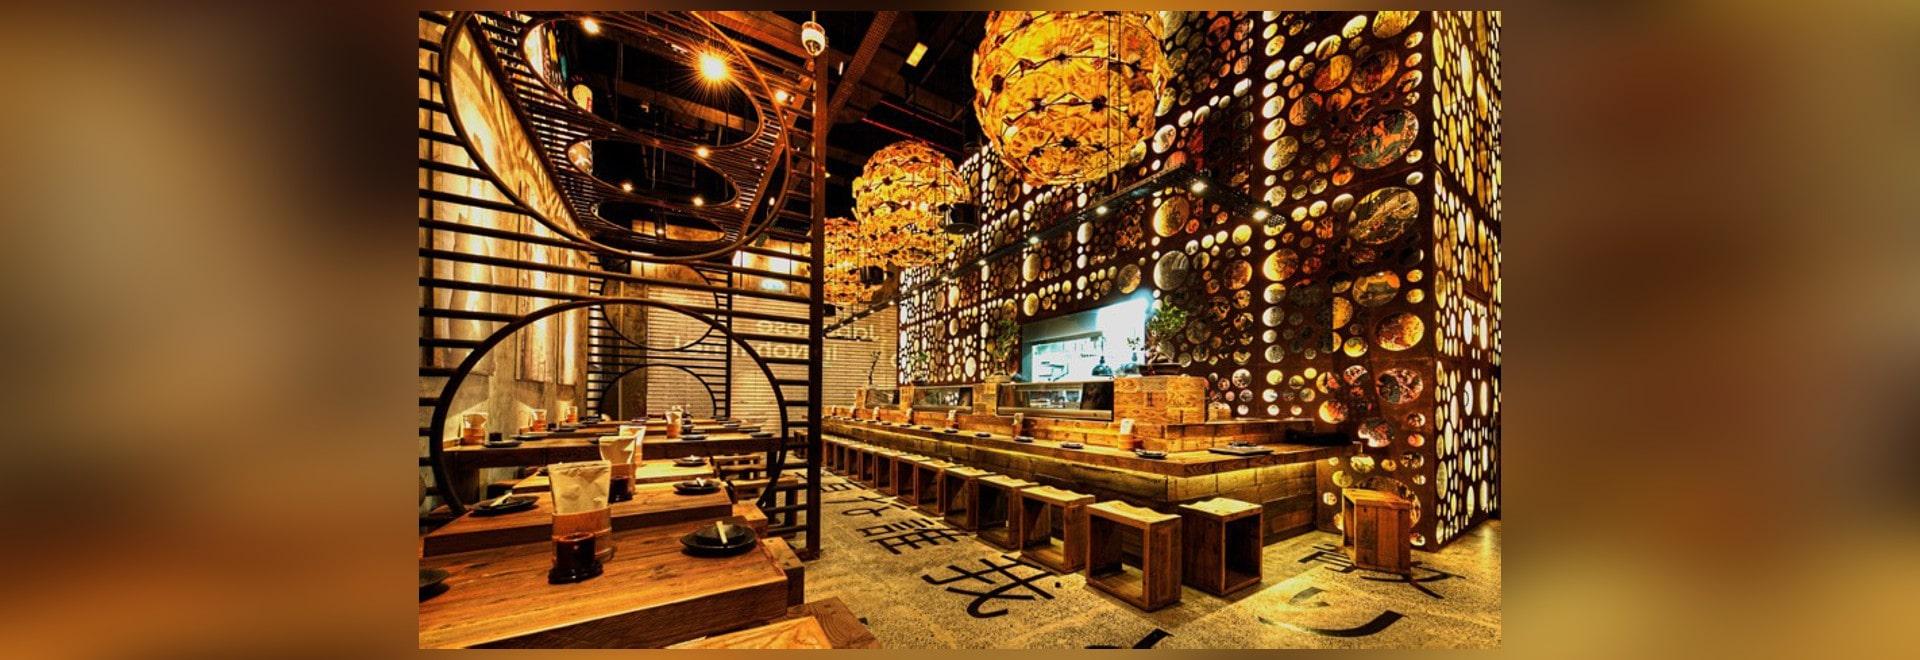 El diseño de Mojo termina el restaurante japonés de Atisuto - Dubai ...